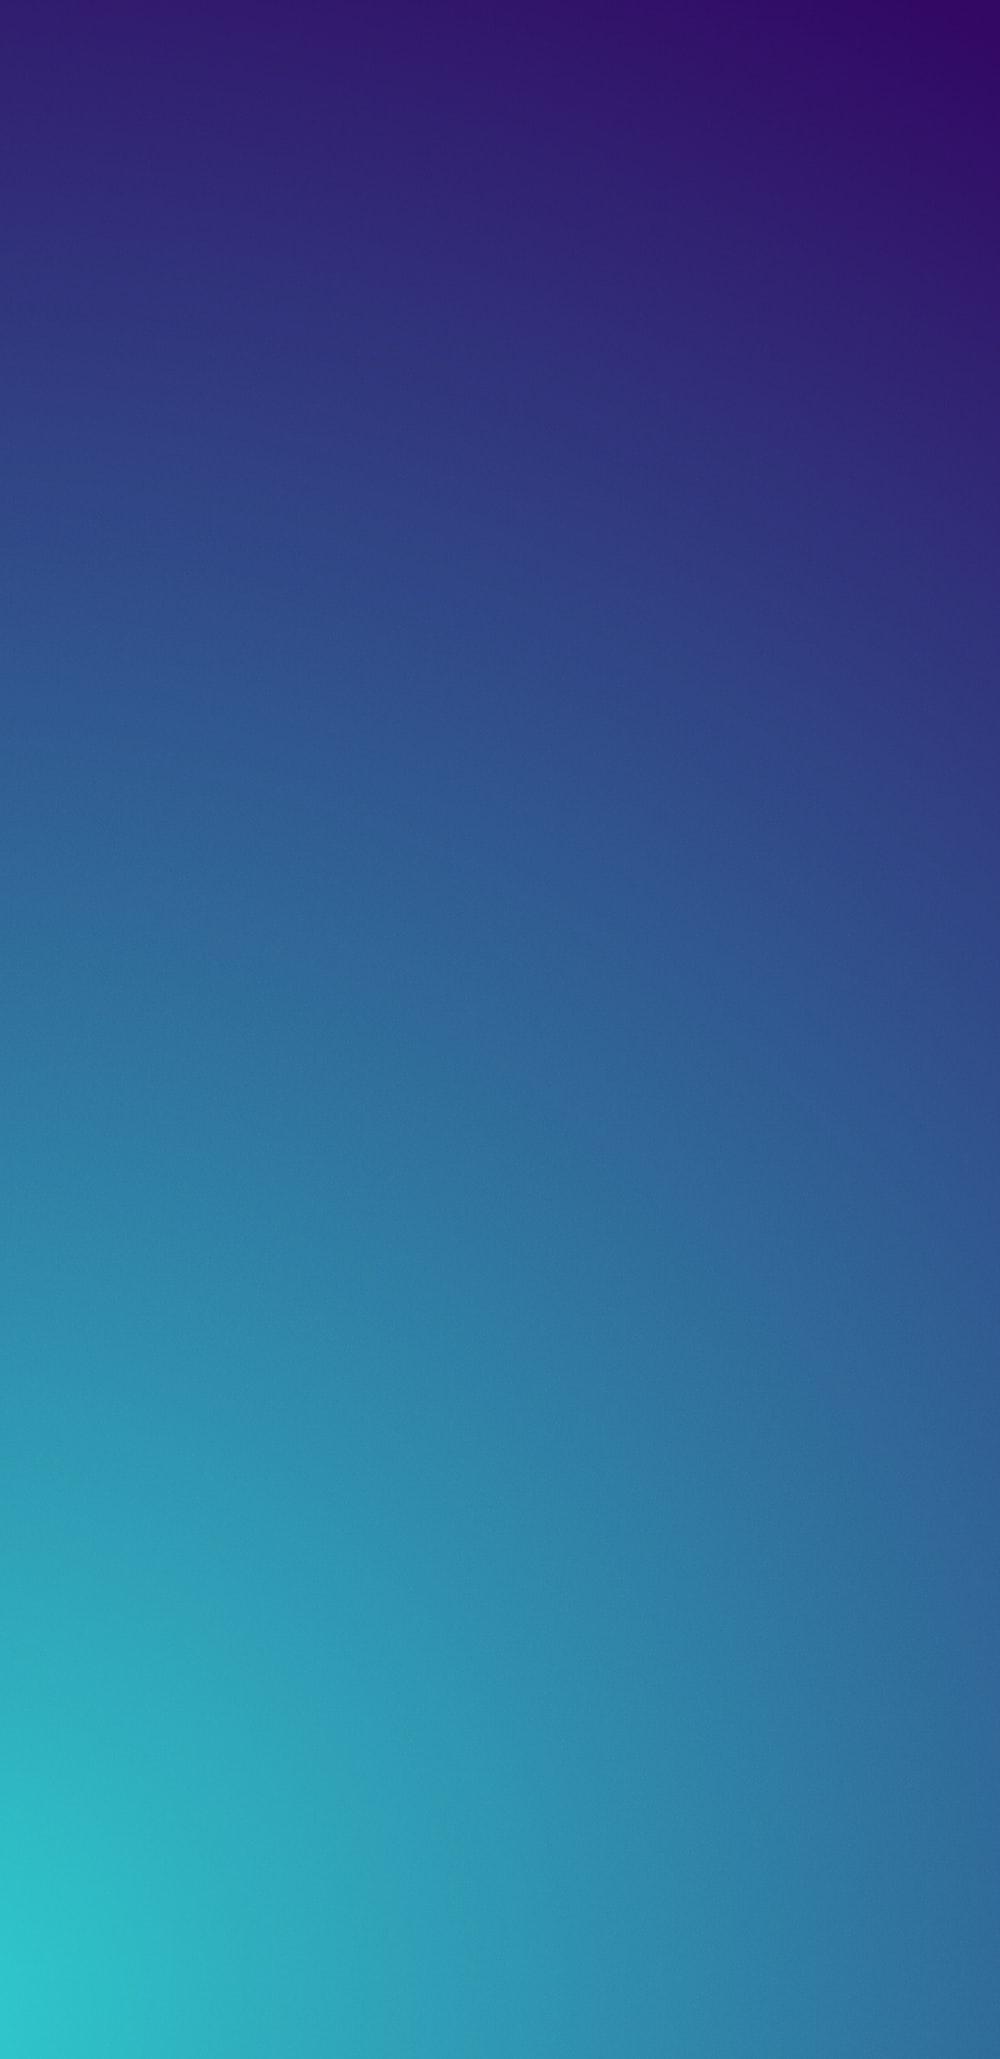 Light blue to dark blue gradient